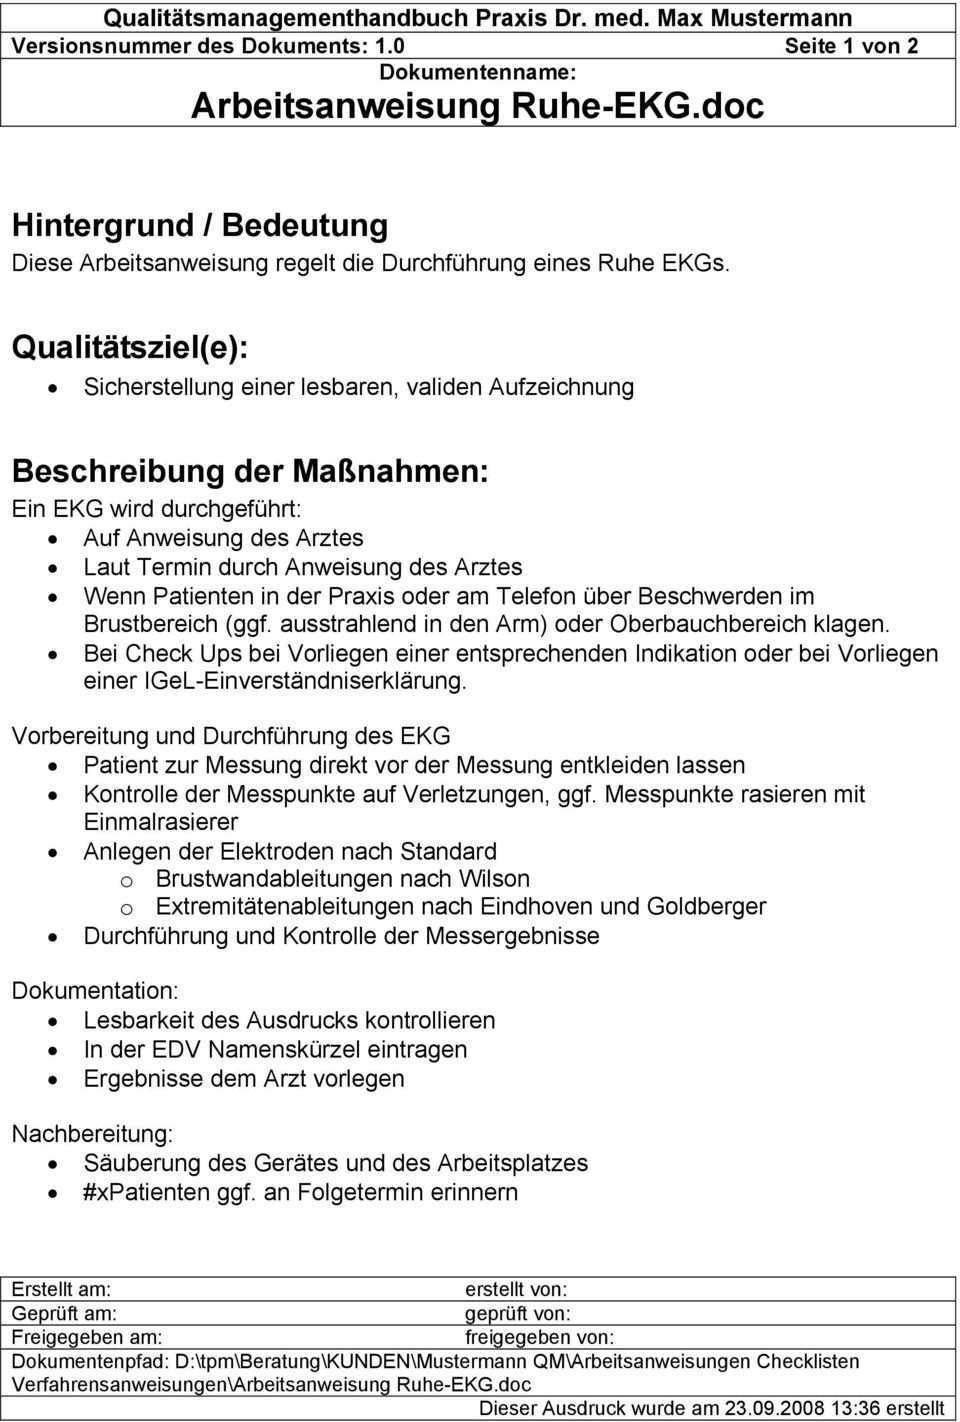 1 2 3 Qm Auszuge Aus Den Dokumenten Des Qm Systems Qm Nach Din En Iso 9001 Pdf Kostenfreier Download